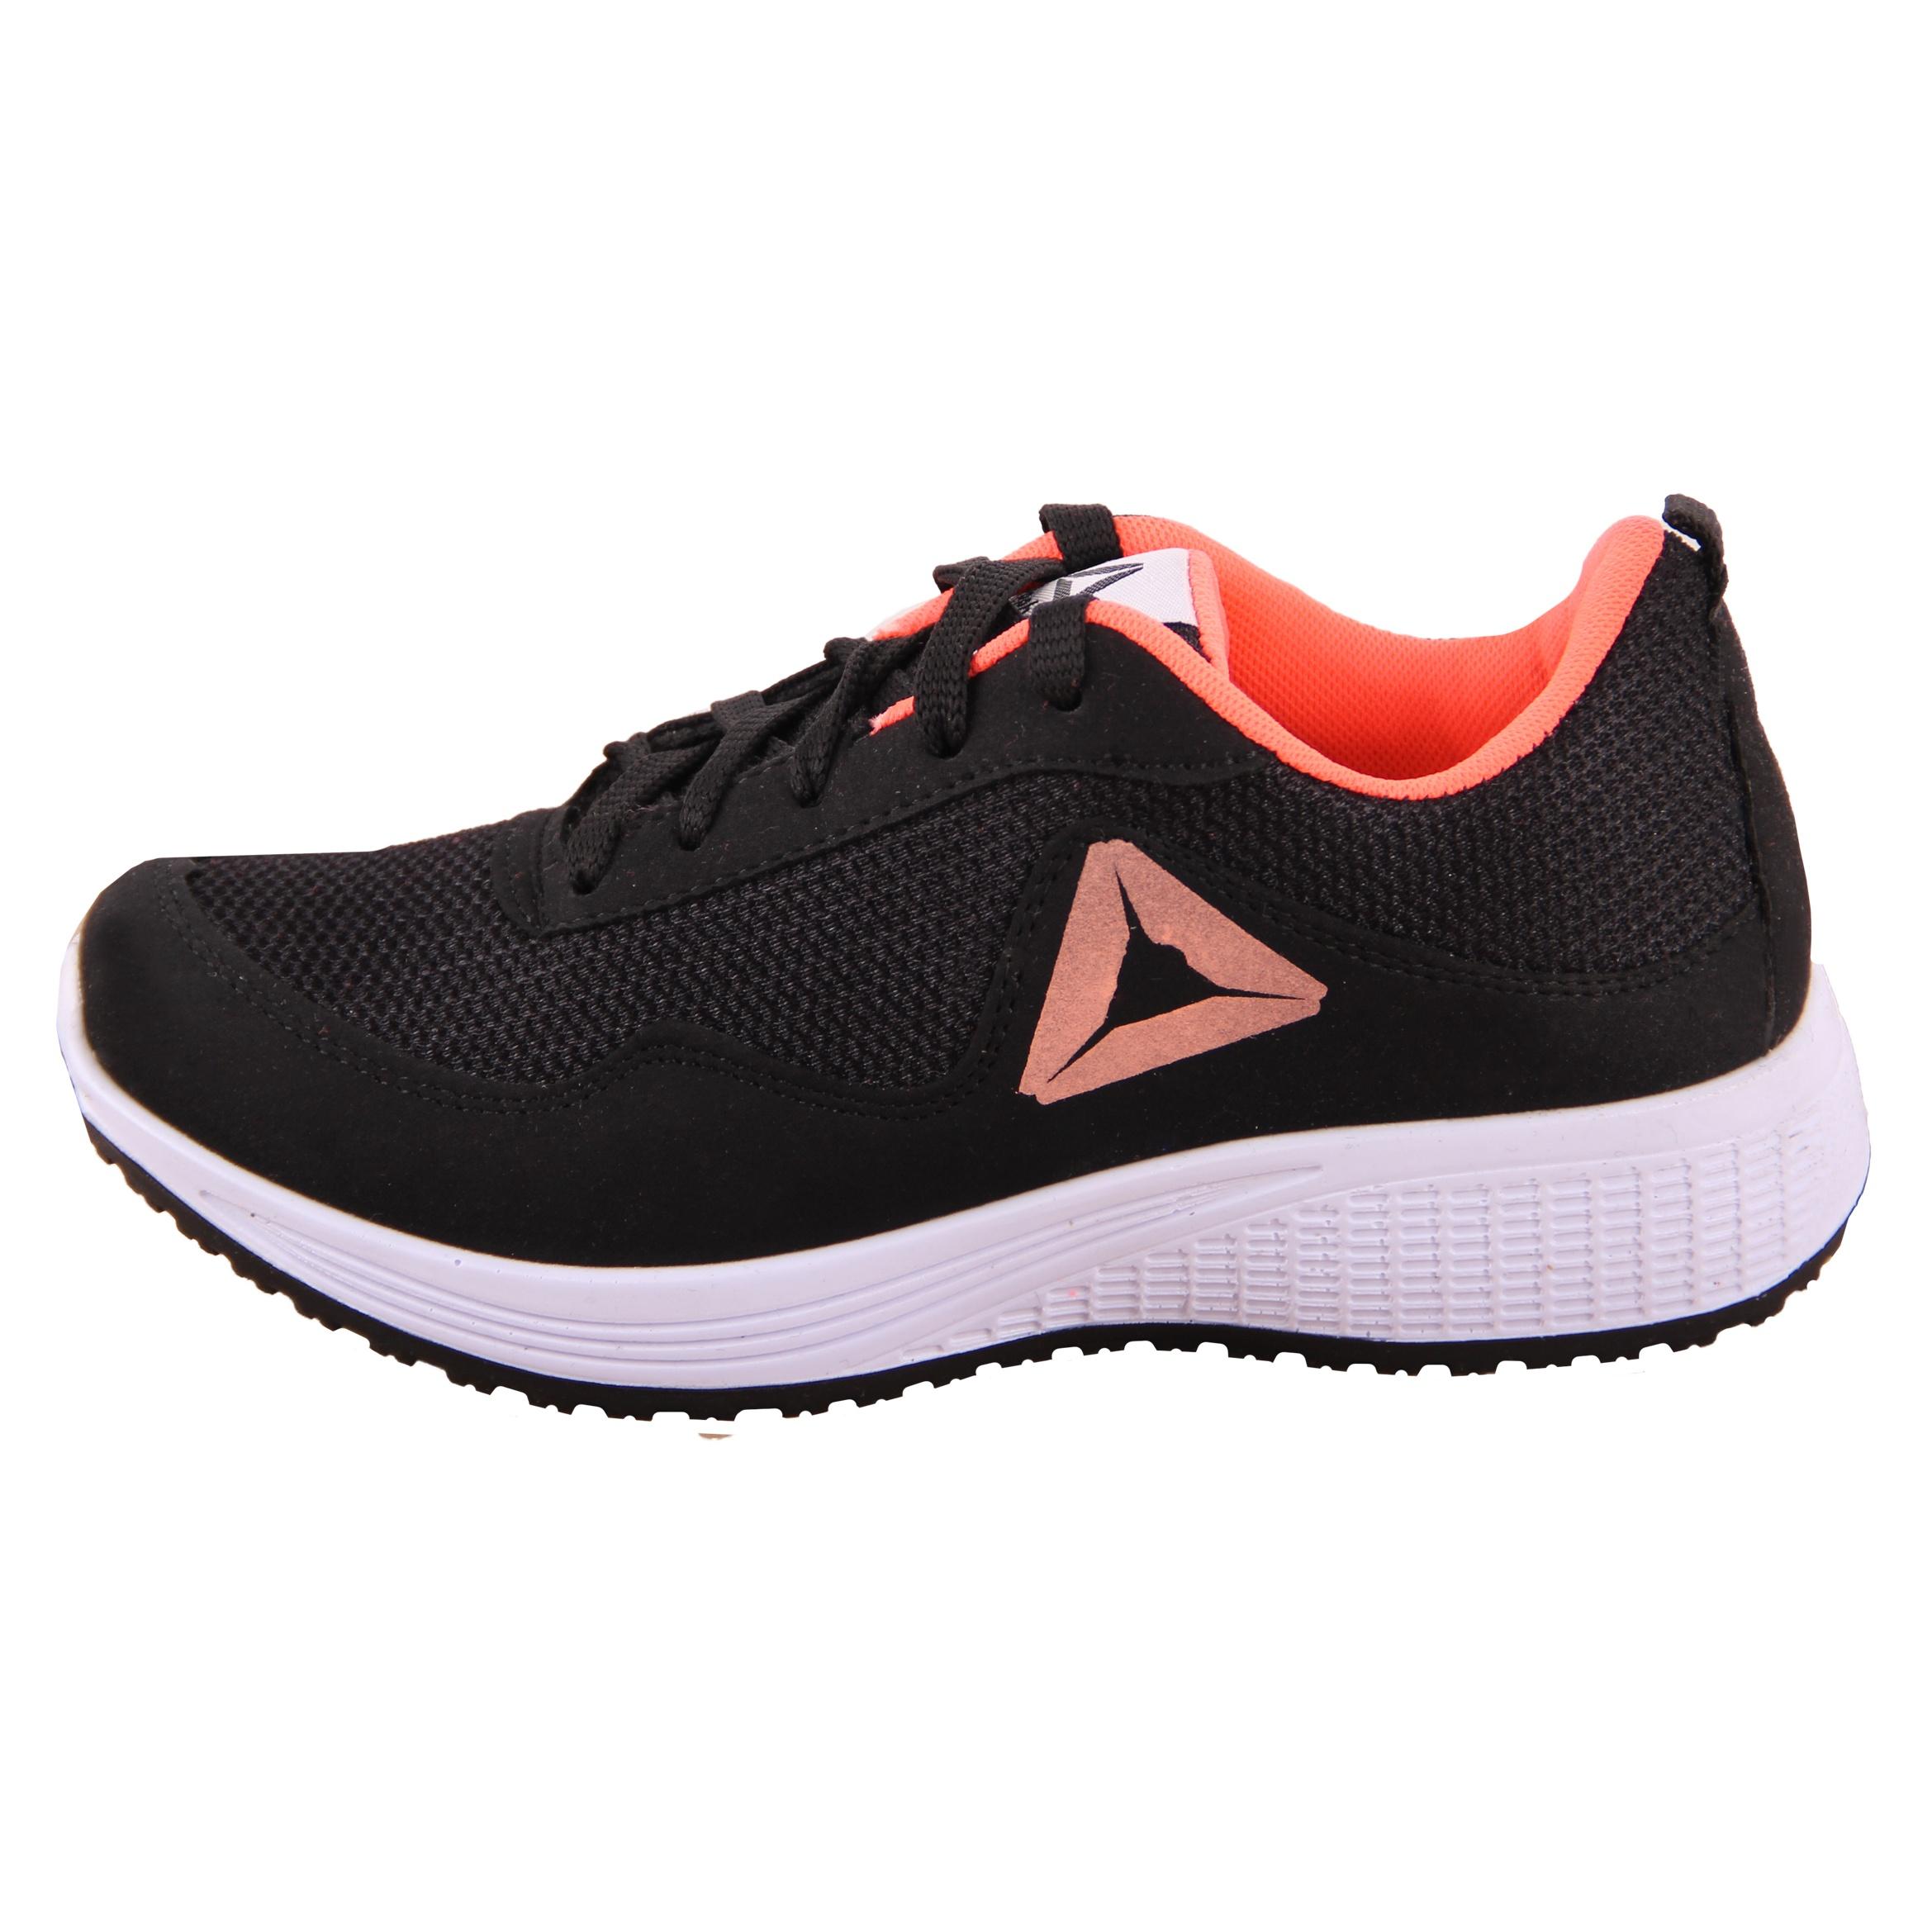 کفش مخصوص پیاده روی زنانه کد 16-2397180